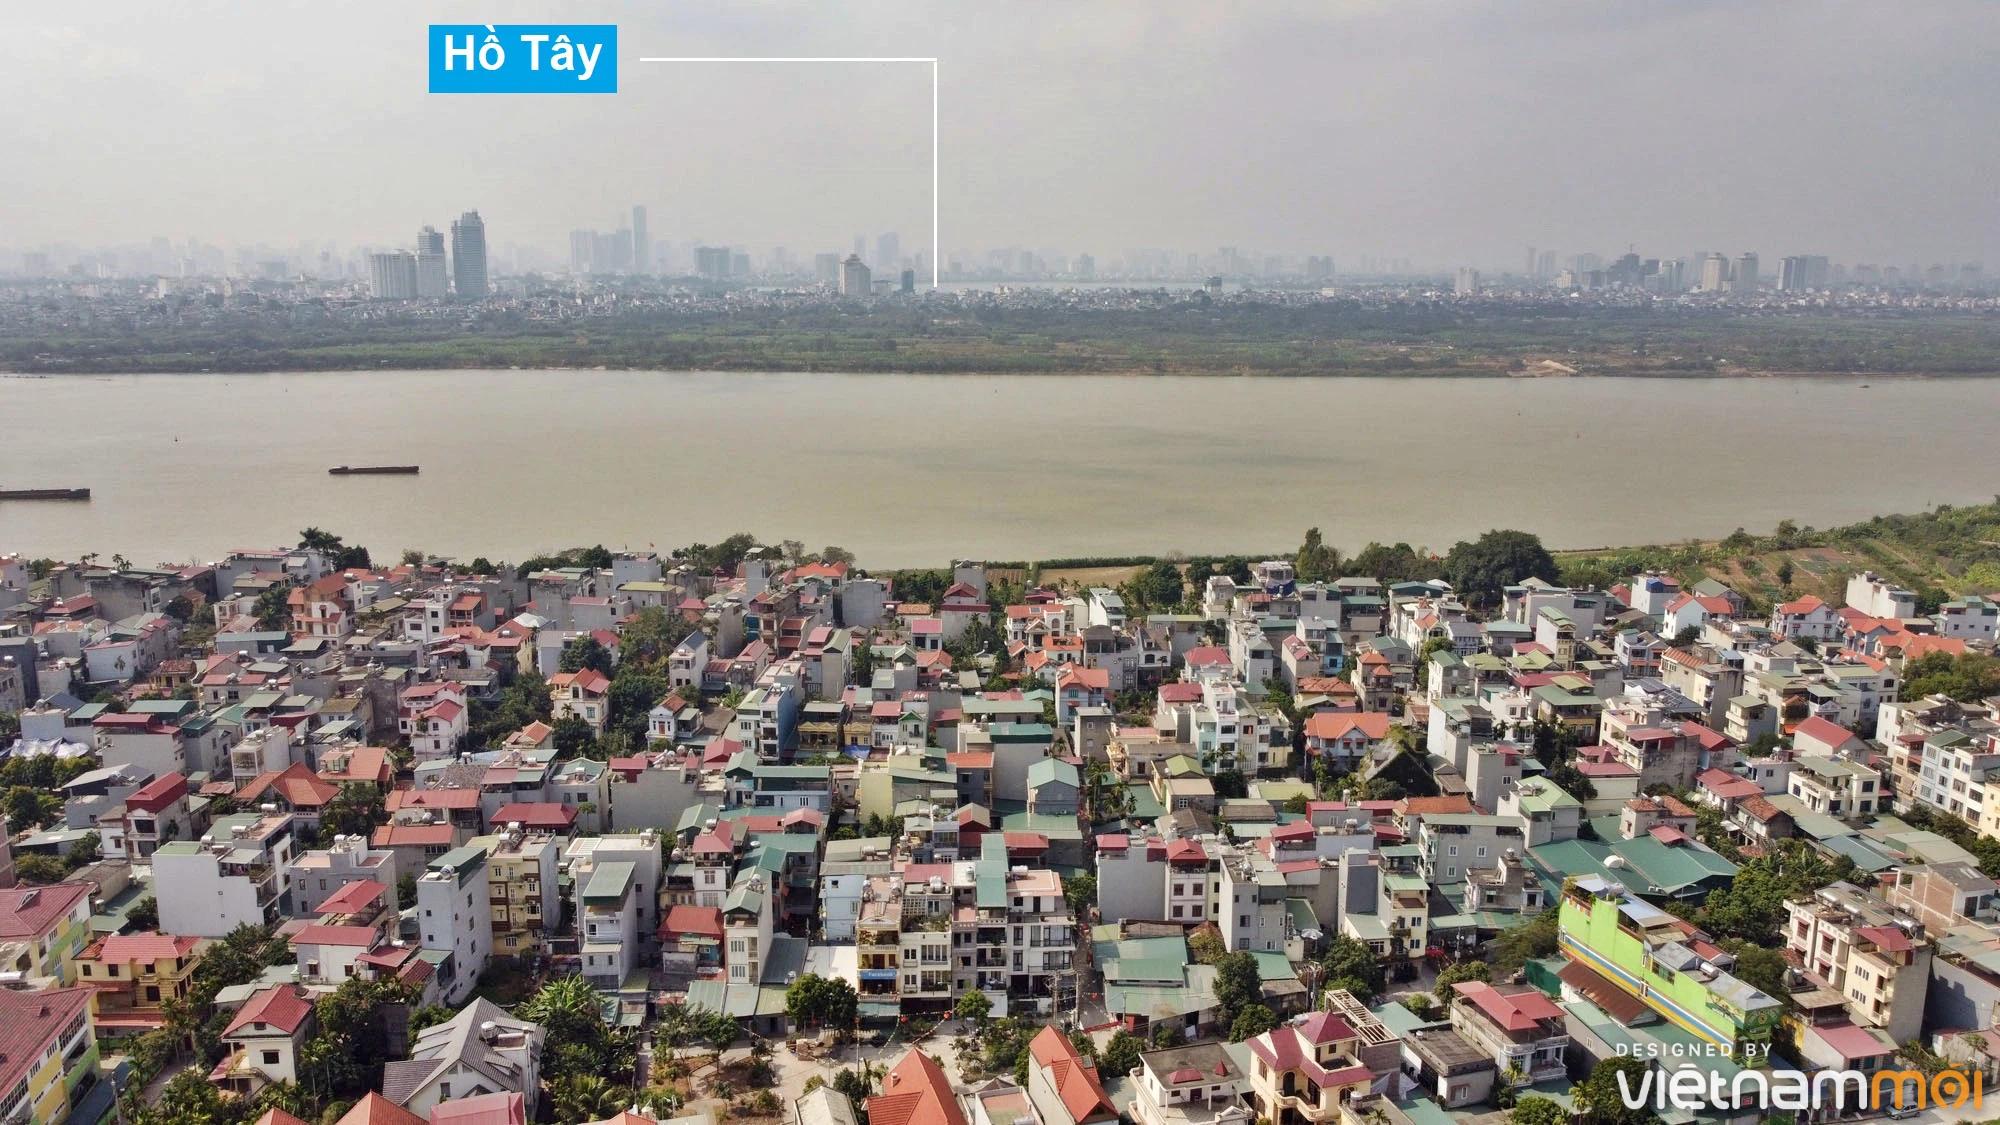 Toàn cảnh hiện trạng Phân khu đô thị sông Hồng trên địa bàn quận Long Biên - Ảnh 6.